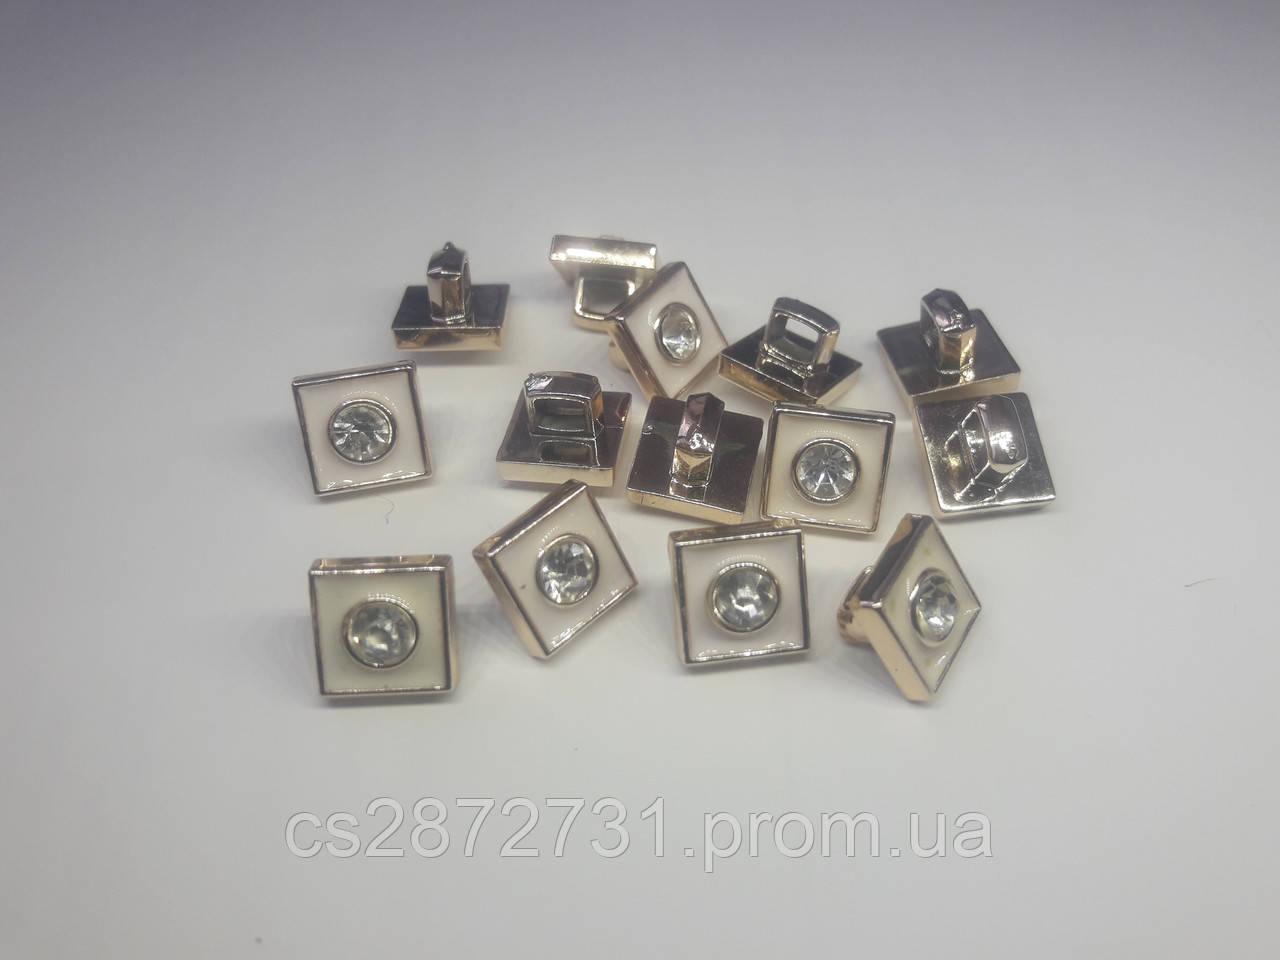 Пуговици квадратные с горным хрусталем , 10 мм, для одежды